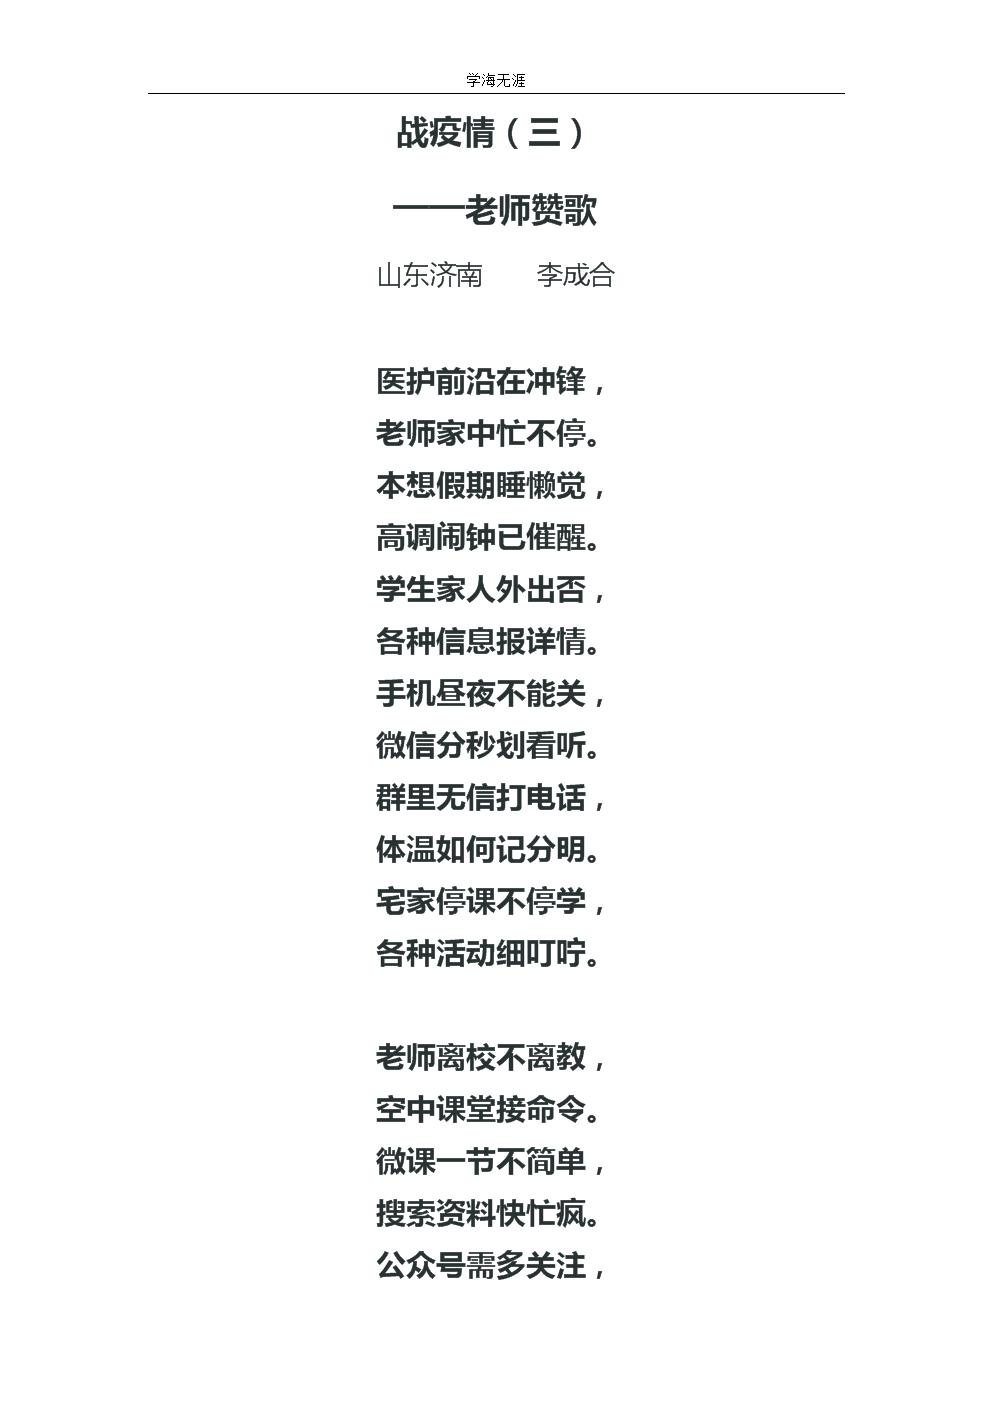 战疫情(三)—老师赞歌(4月6日).doc